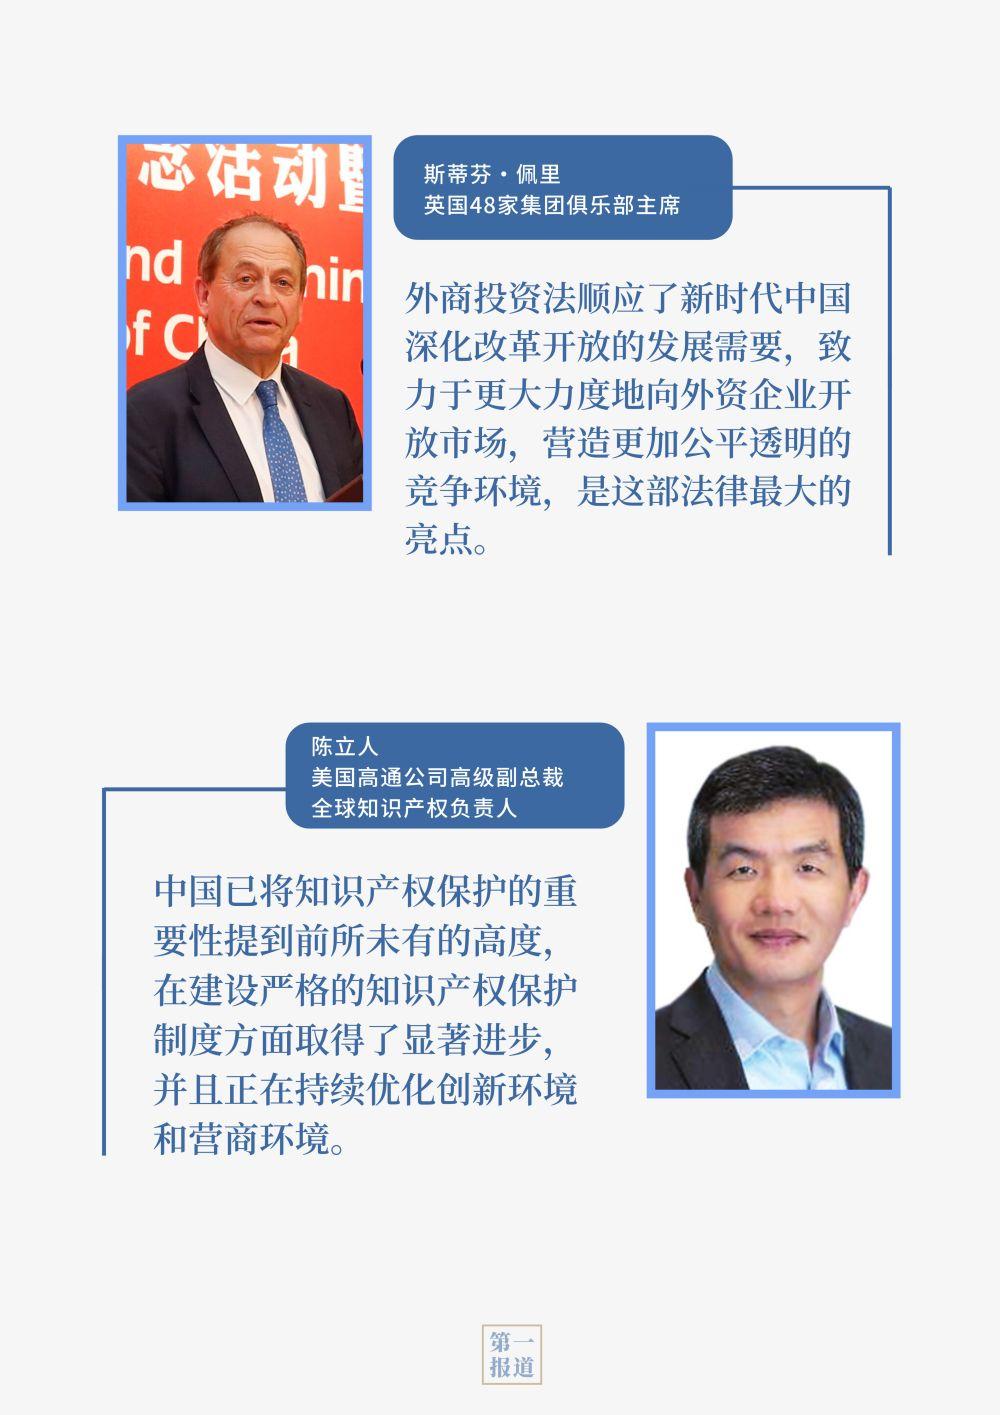 第一报道 习主席宣布的中国对外开放五大举措,这样一一落地